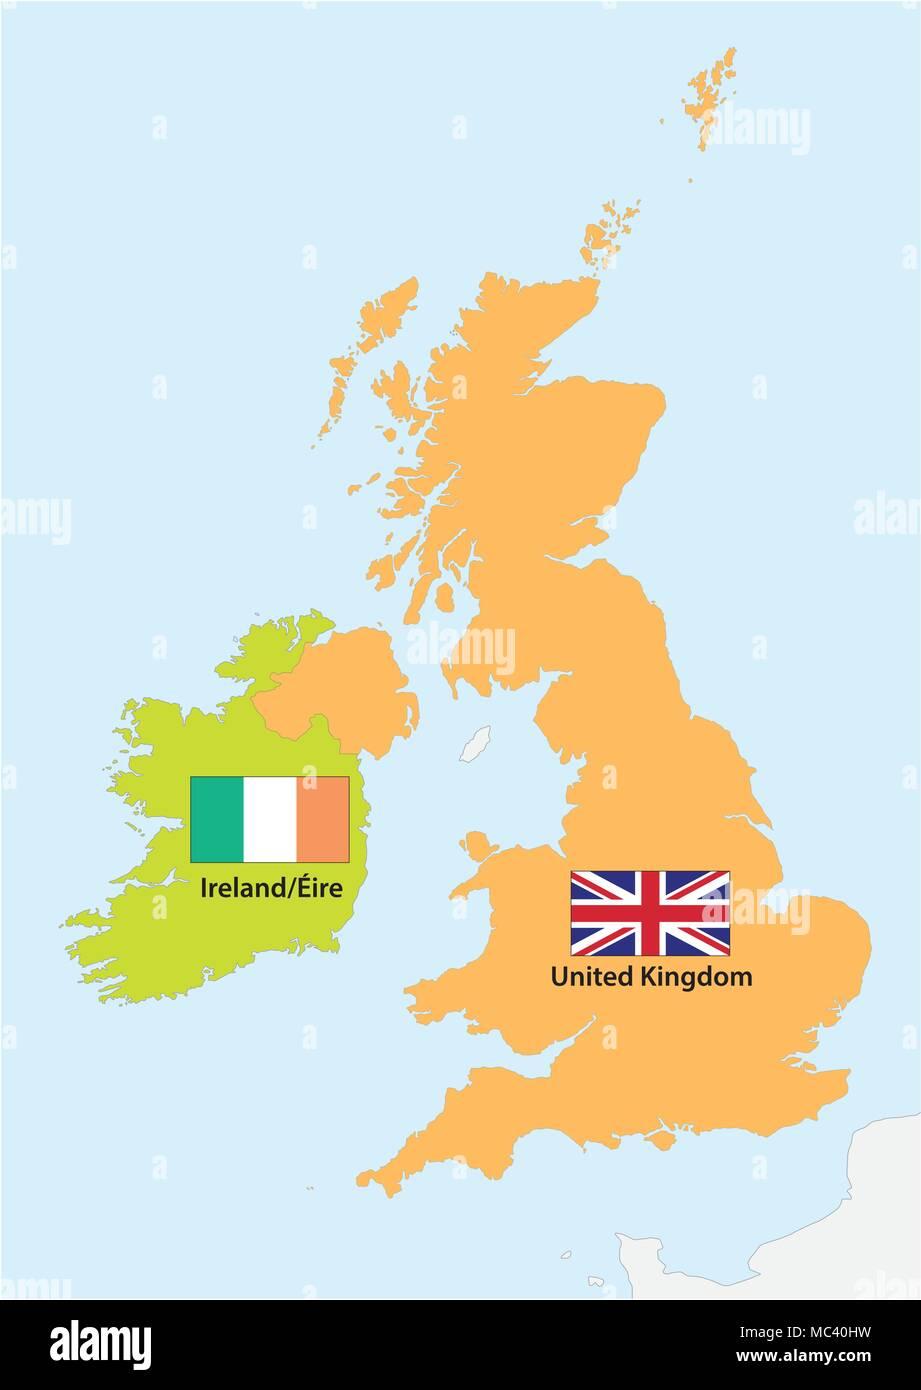 Contour simple carte vectorielle de l'Irlande et Royaume-Uni avec drapeau Photo Stock